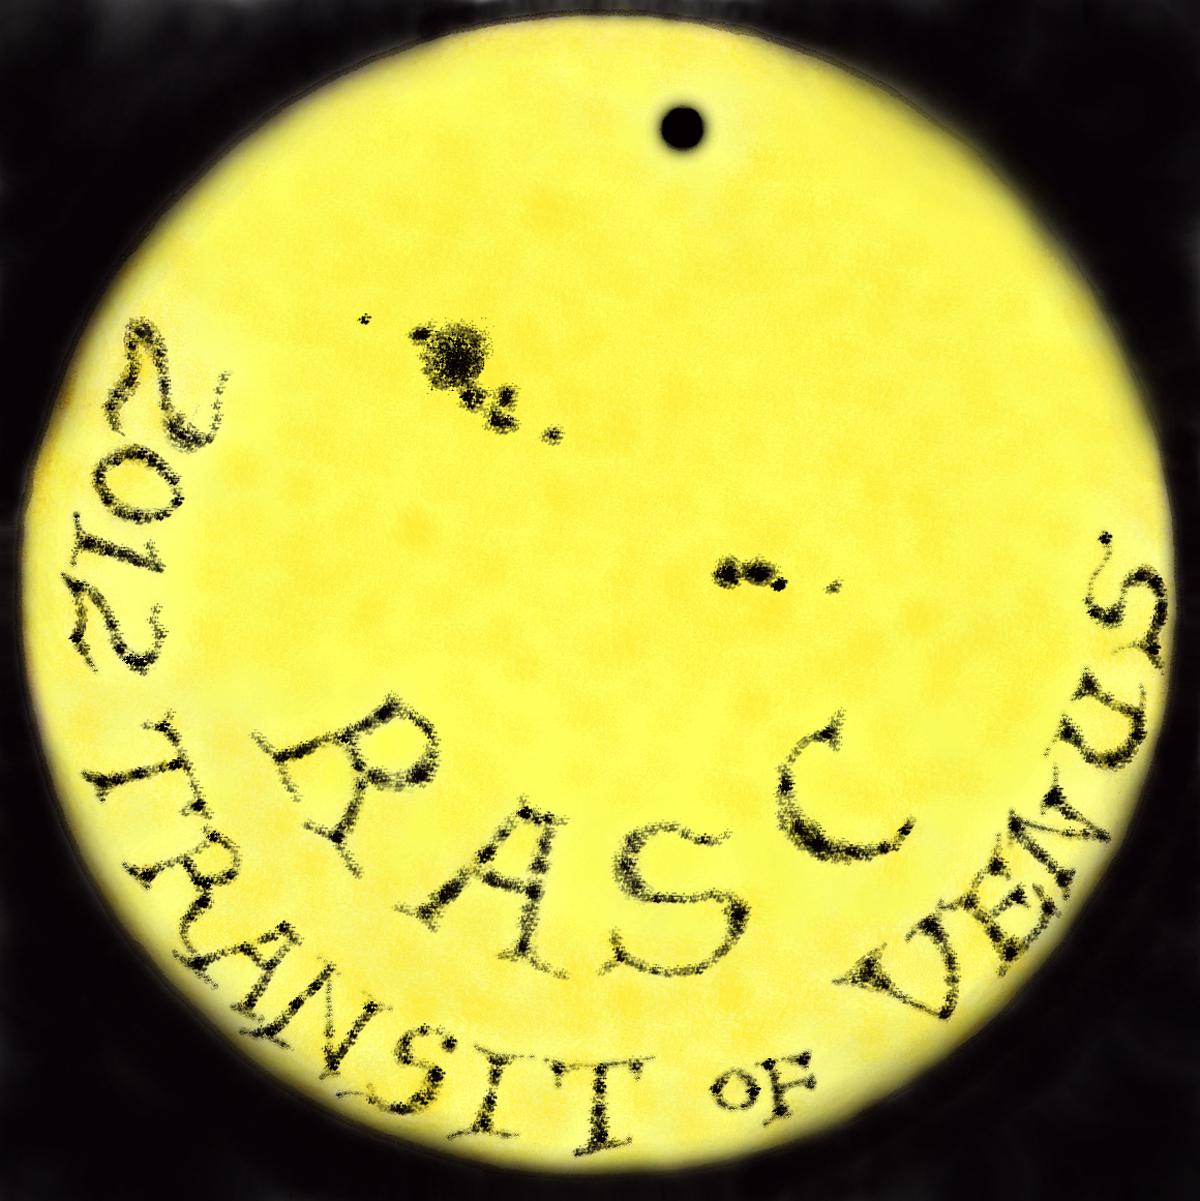 Transit of Venus 2012 Logo